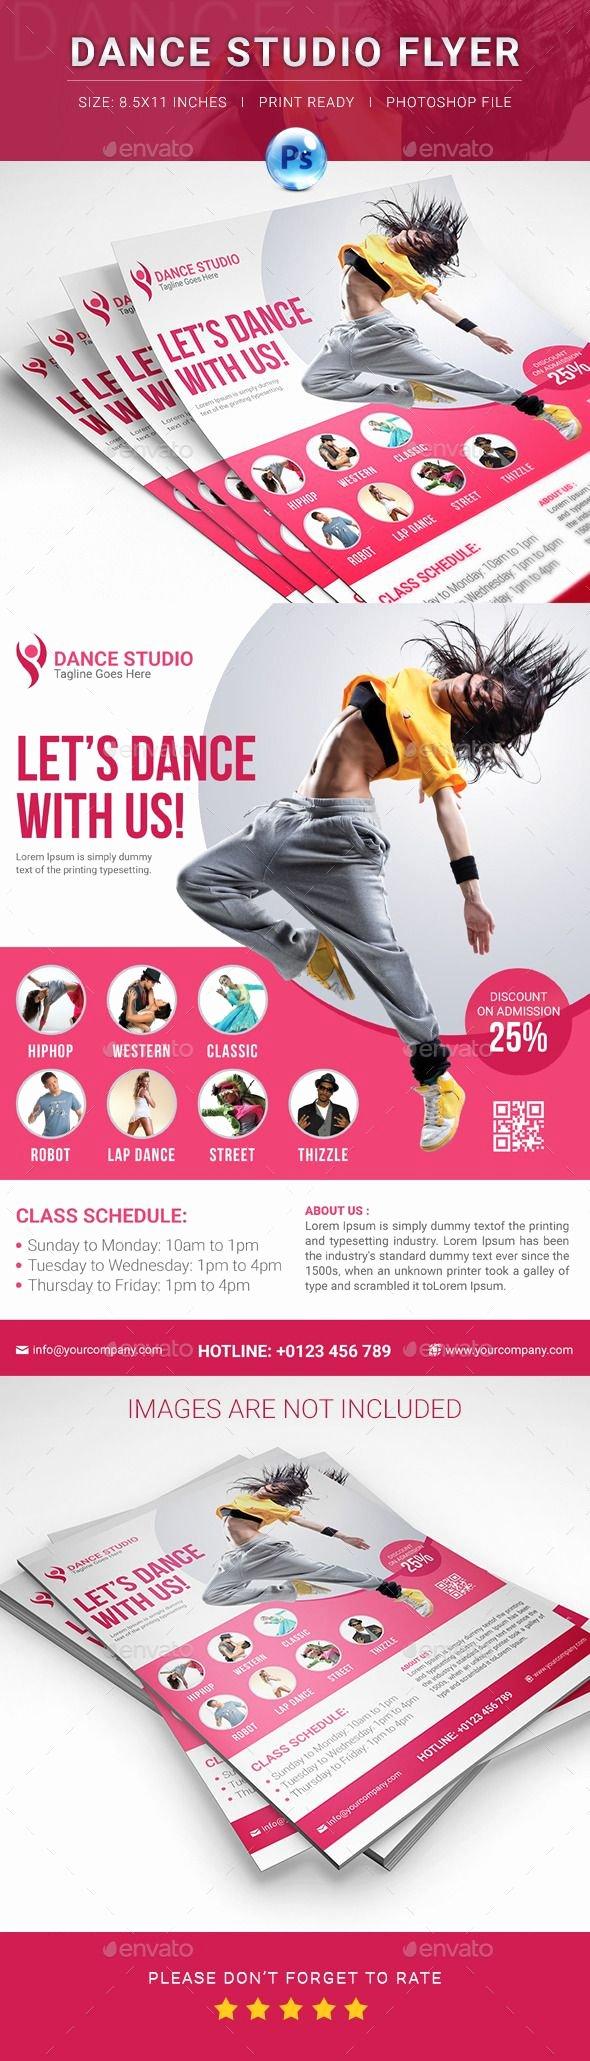 School Dance Flyer Template New Dance Studio Flyer